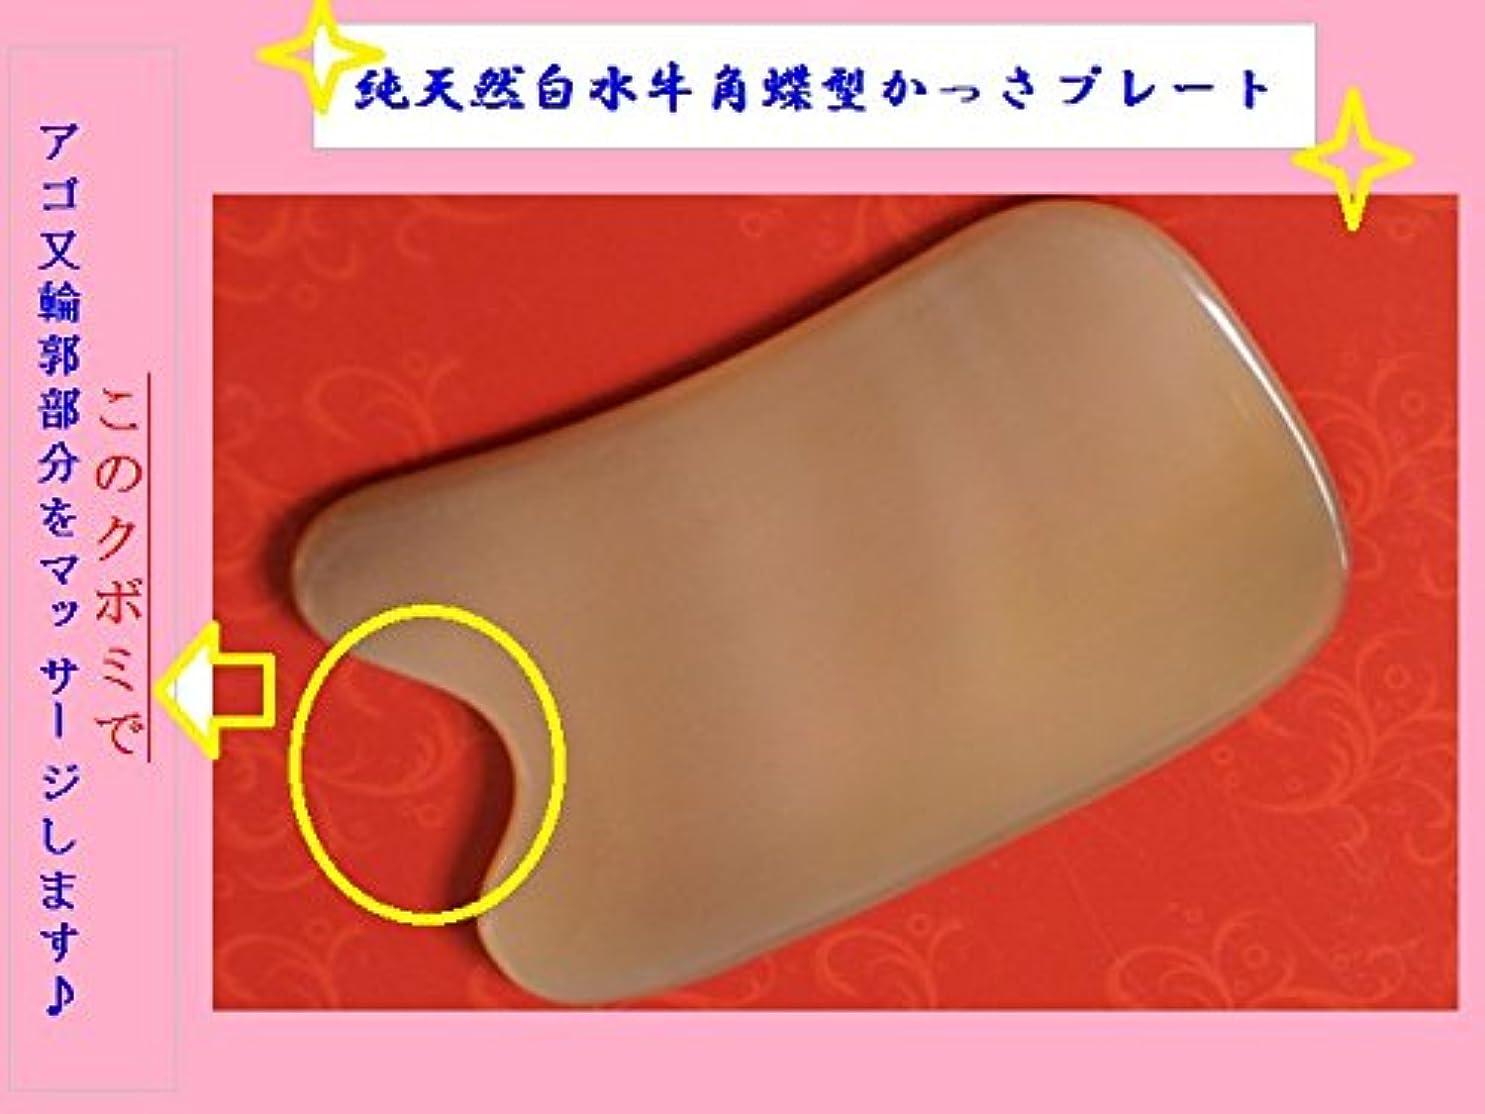 振るう週間サンダルノーブランド品 中国伝統かっさ美容マッサージ板 白水牛角かっさプレート (蝶型)